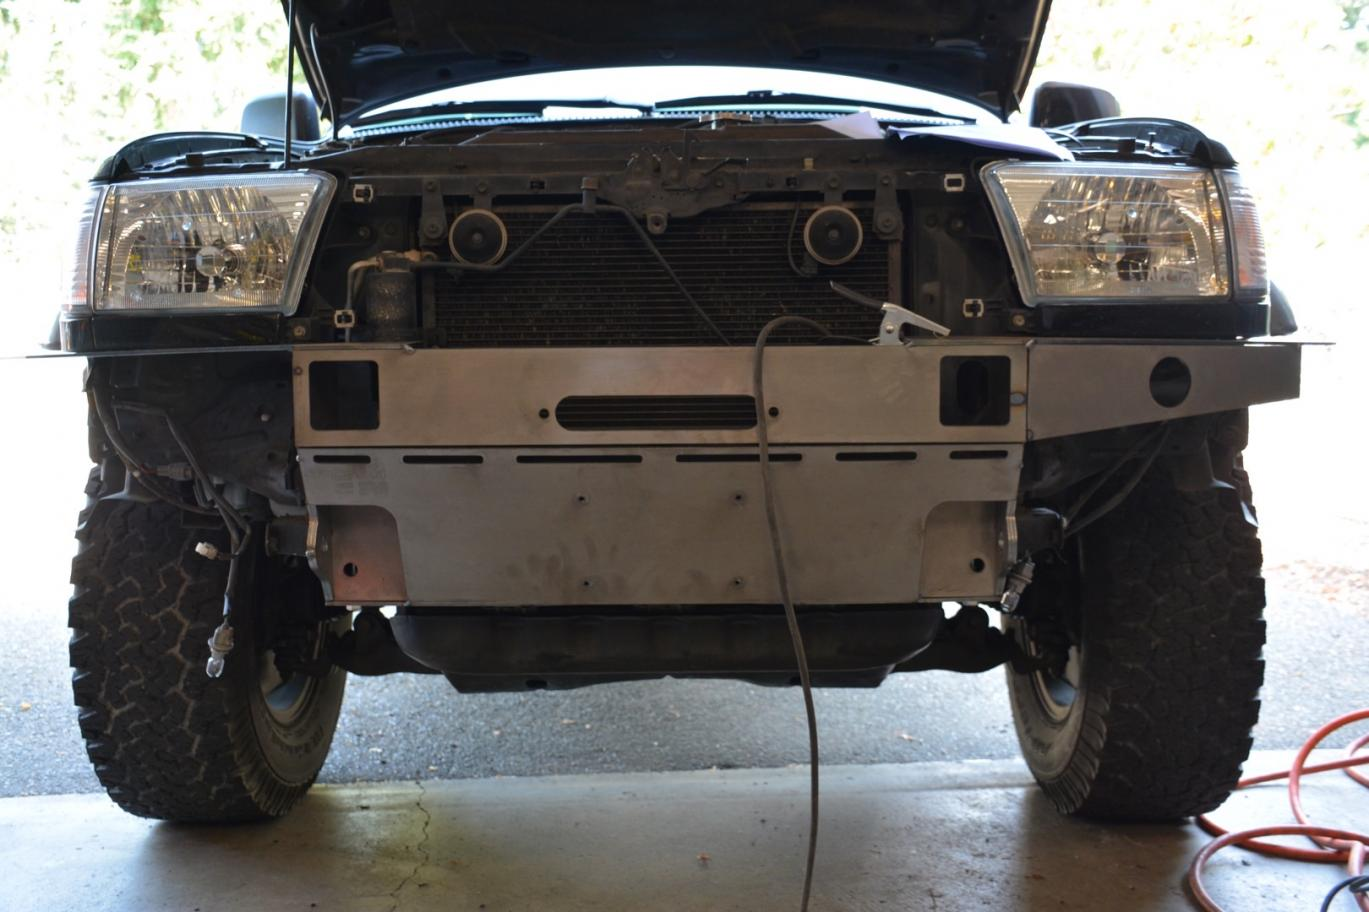 #T4rv3 1999 4runner Limited build-d1eece75-4e87-430b-8c88-c7be11ab305b-jpg